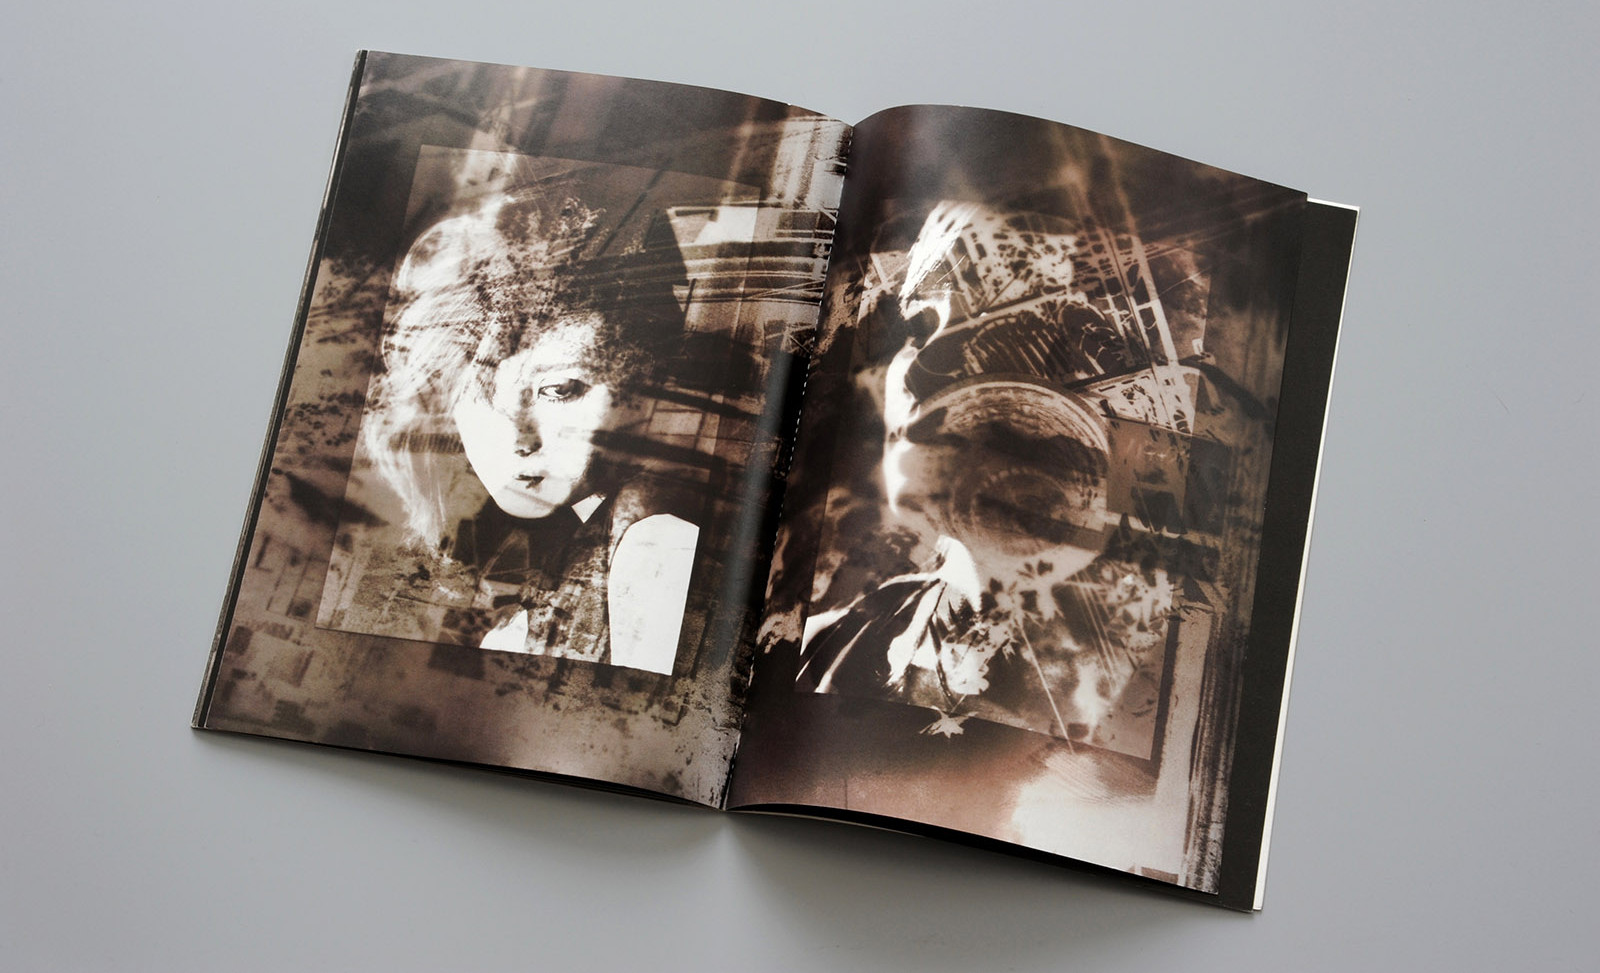 フォトブック「光と影のソフィア」|西村陽一郎